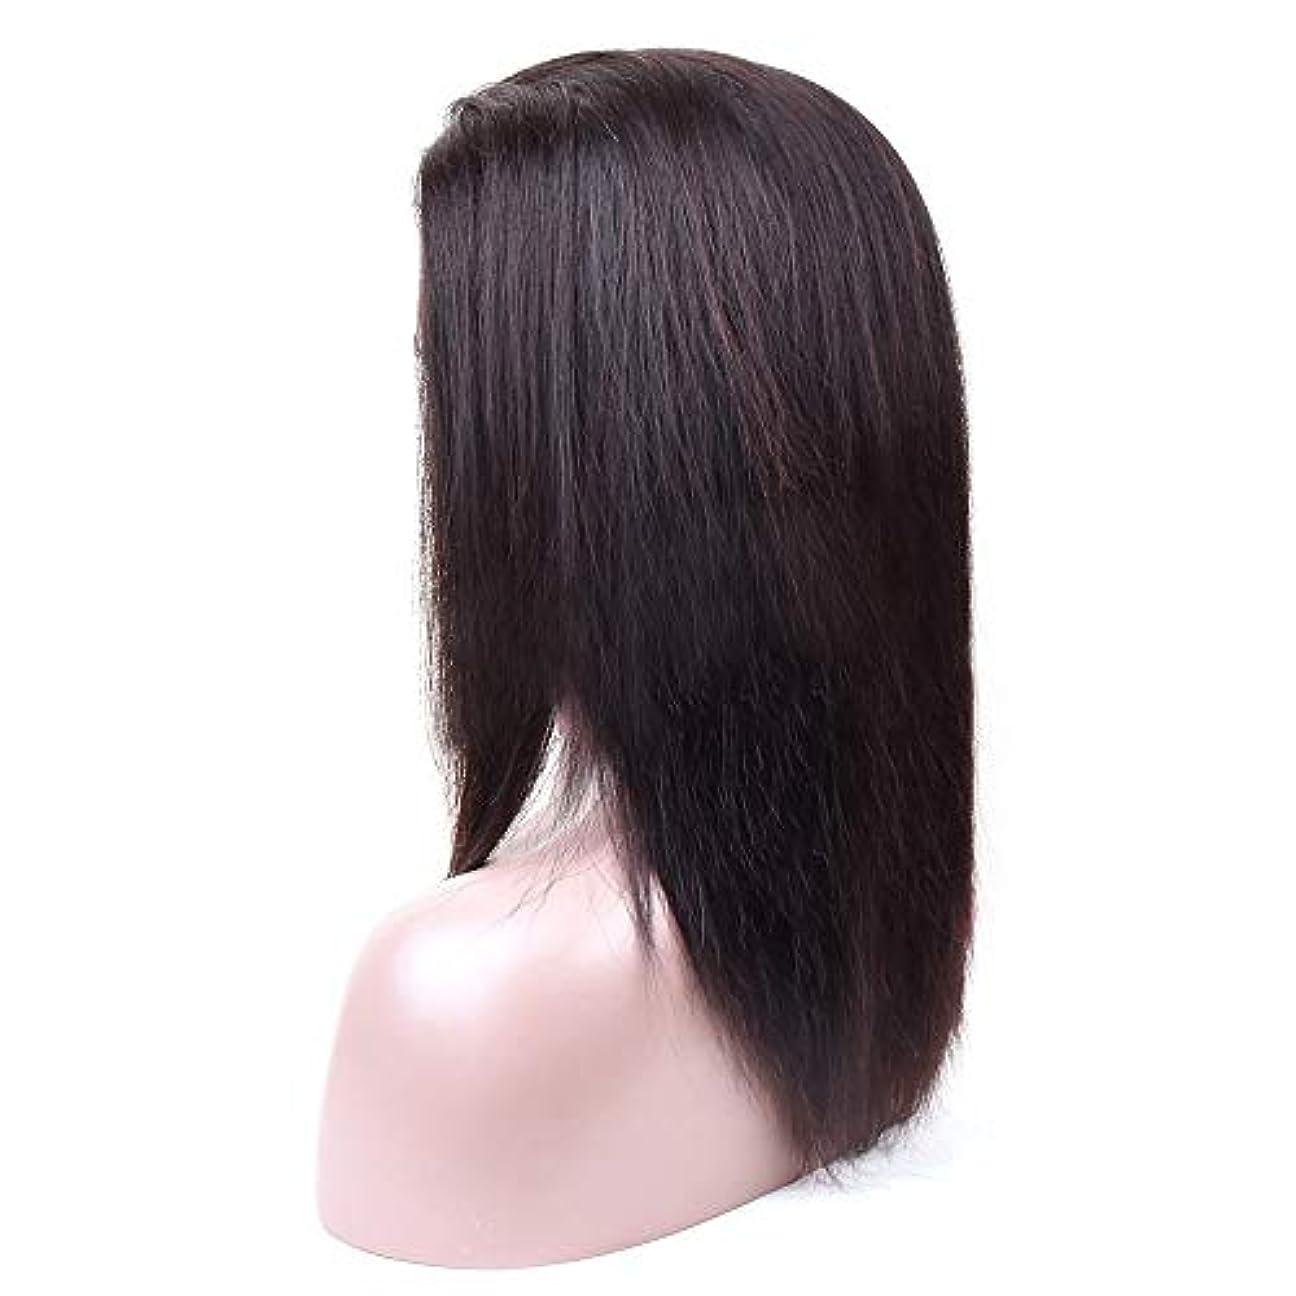 前書き啓発する覗くJULYTER ブラジルのレースの動きかつら人間の髪の毛のグルーレス360レース前頭人間の髪の毛のかつら (色 : 黒, サイズ : 22 inch)